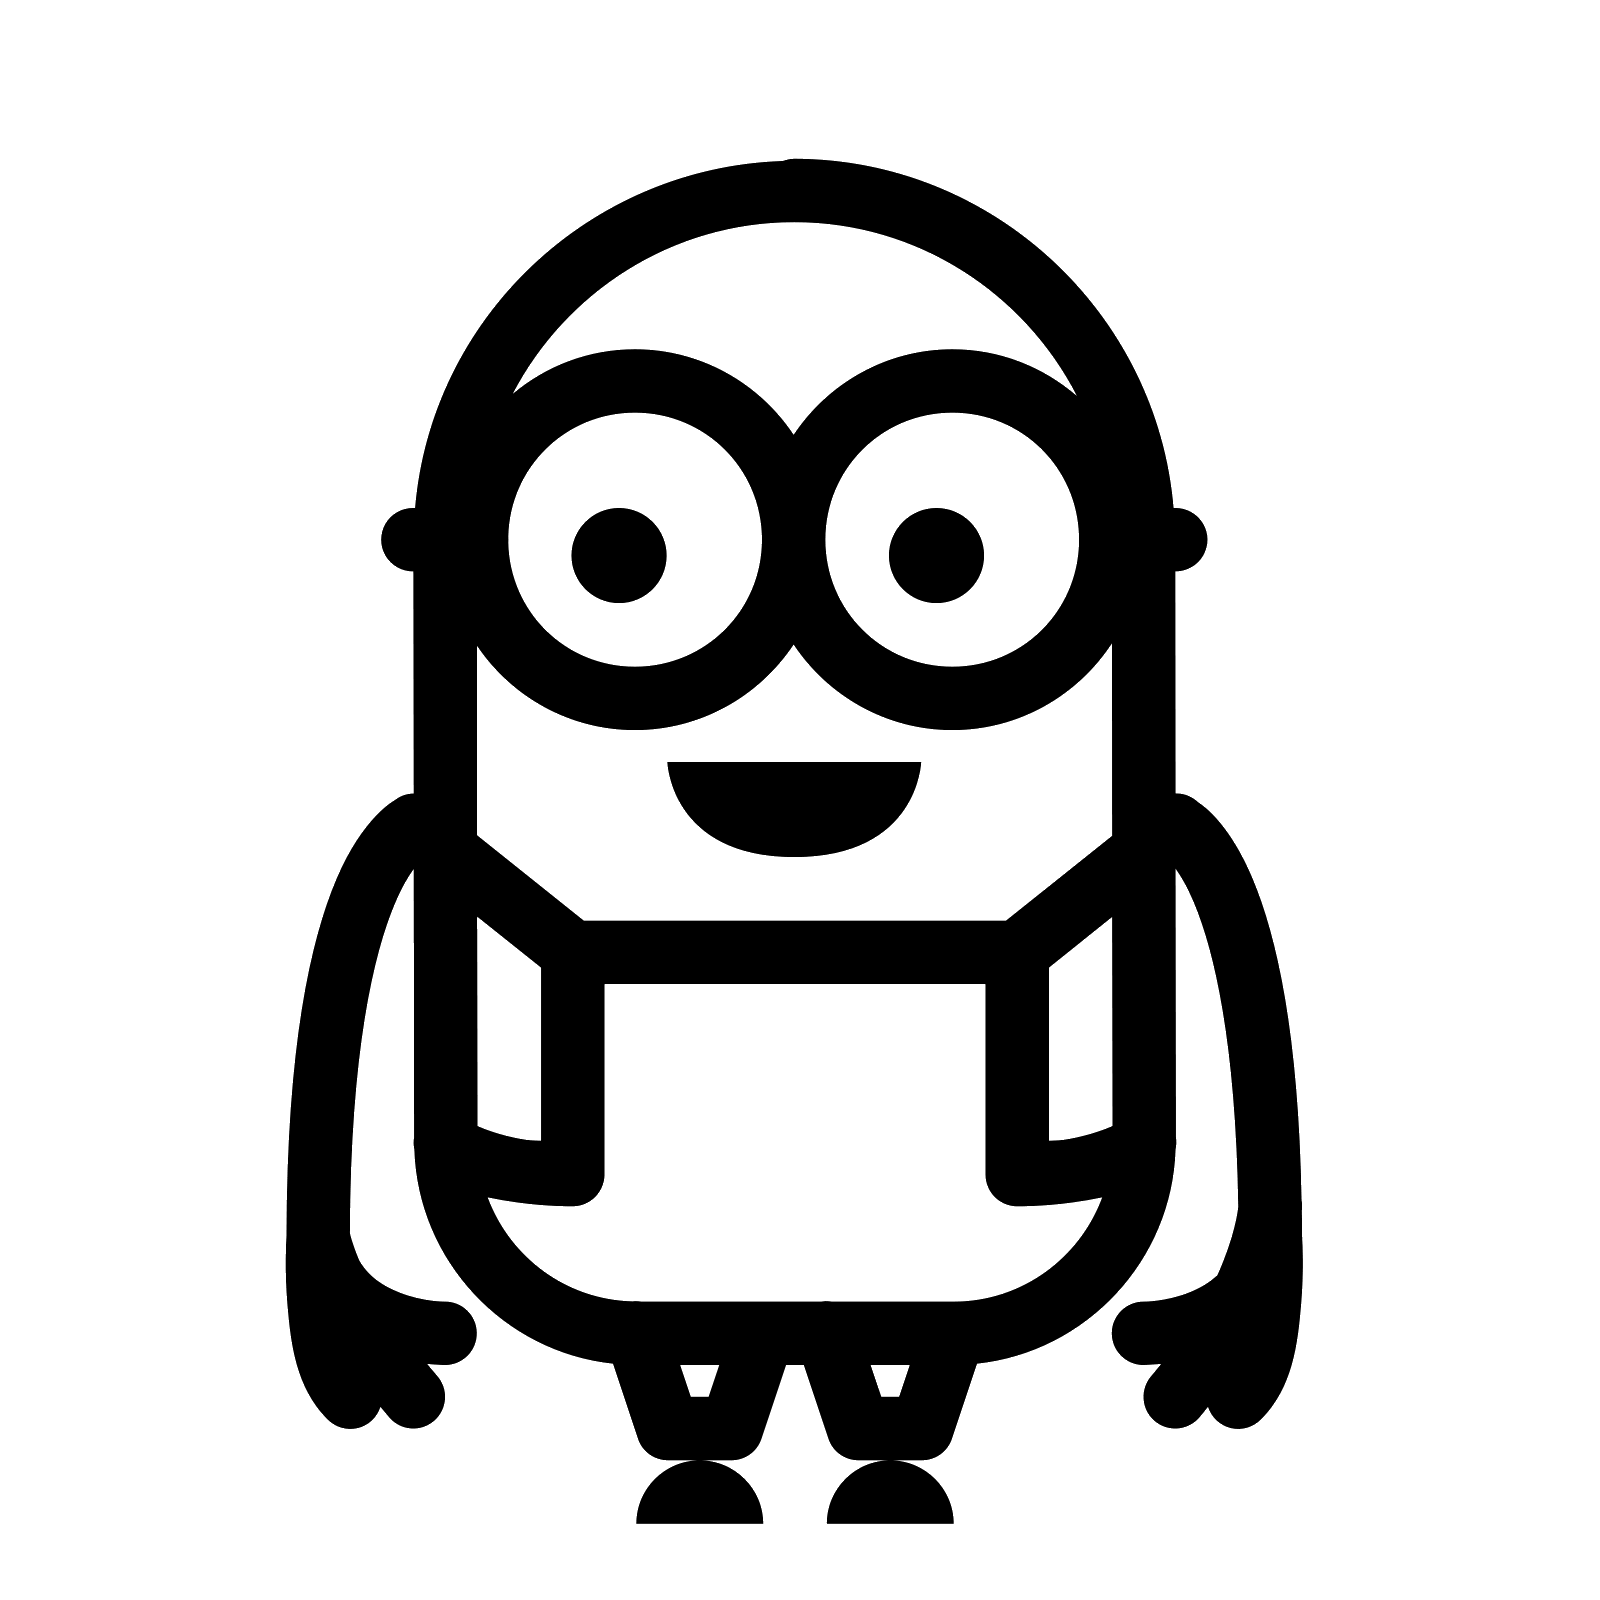 Minions clipart vector. Minion icon free download